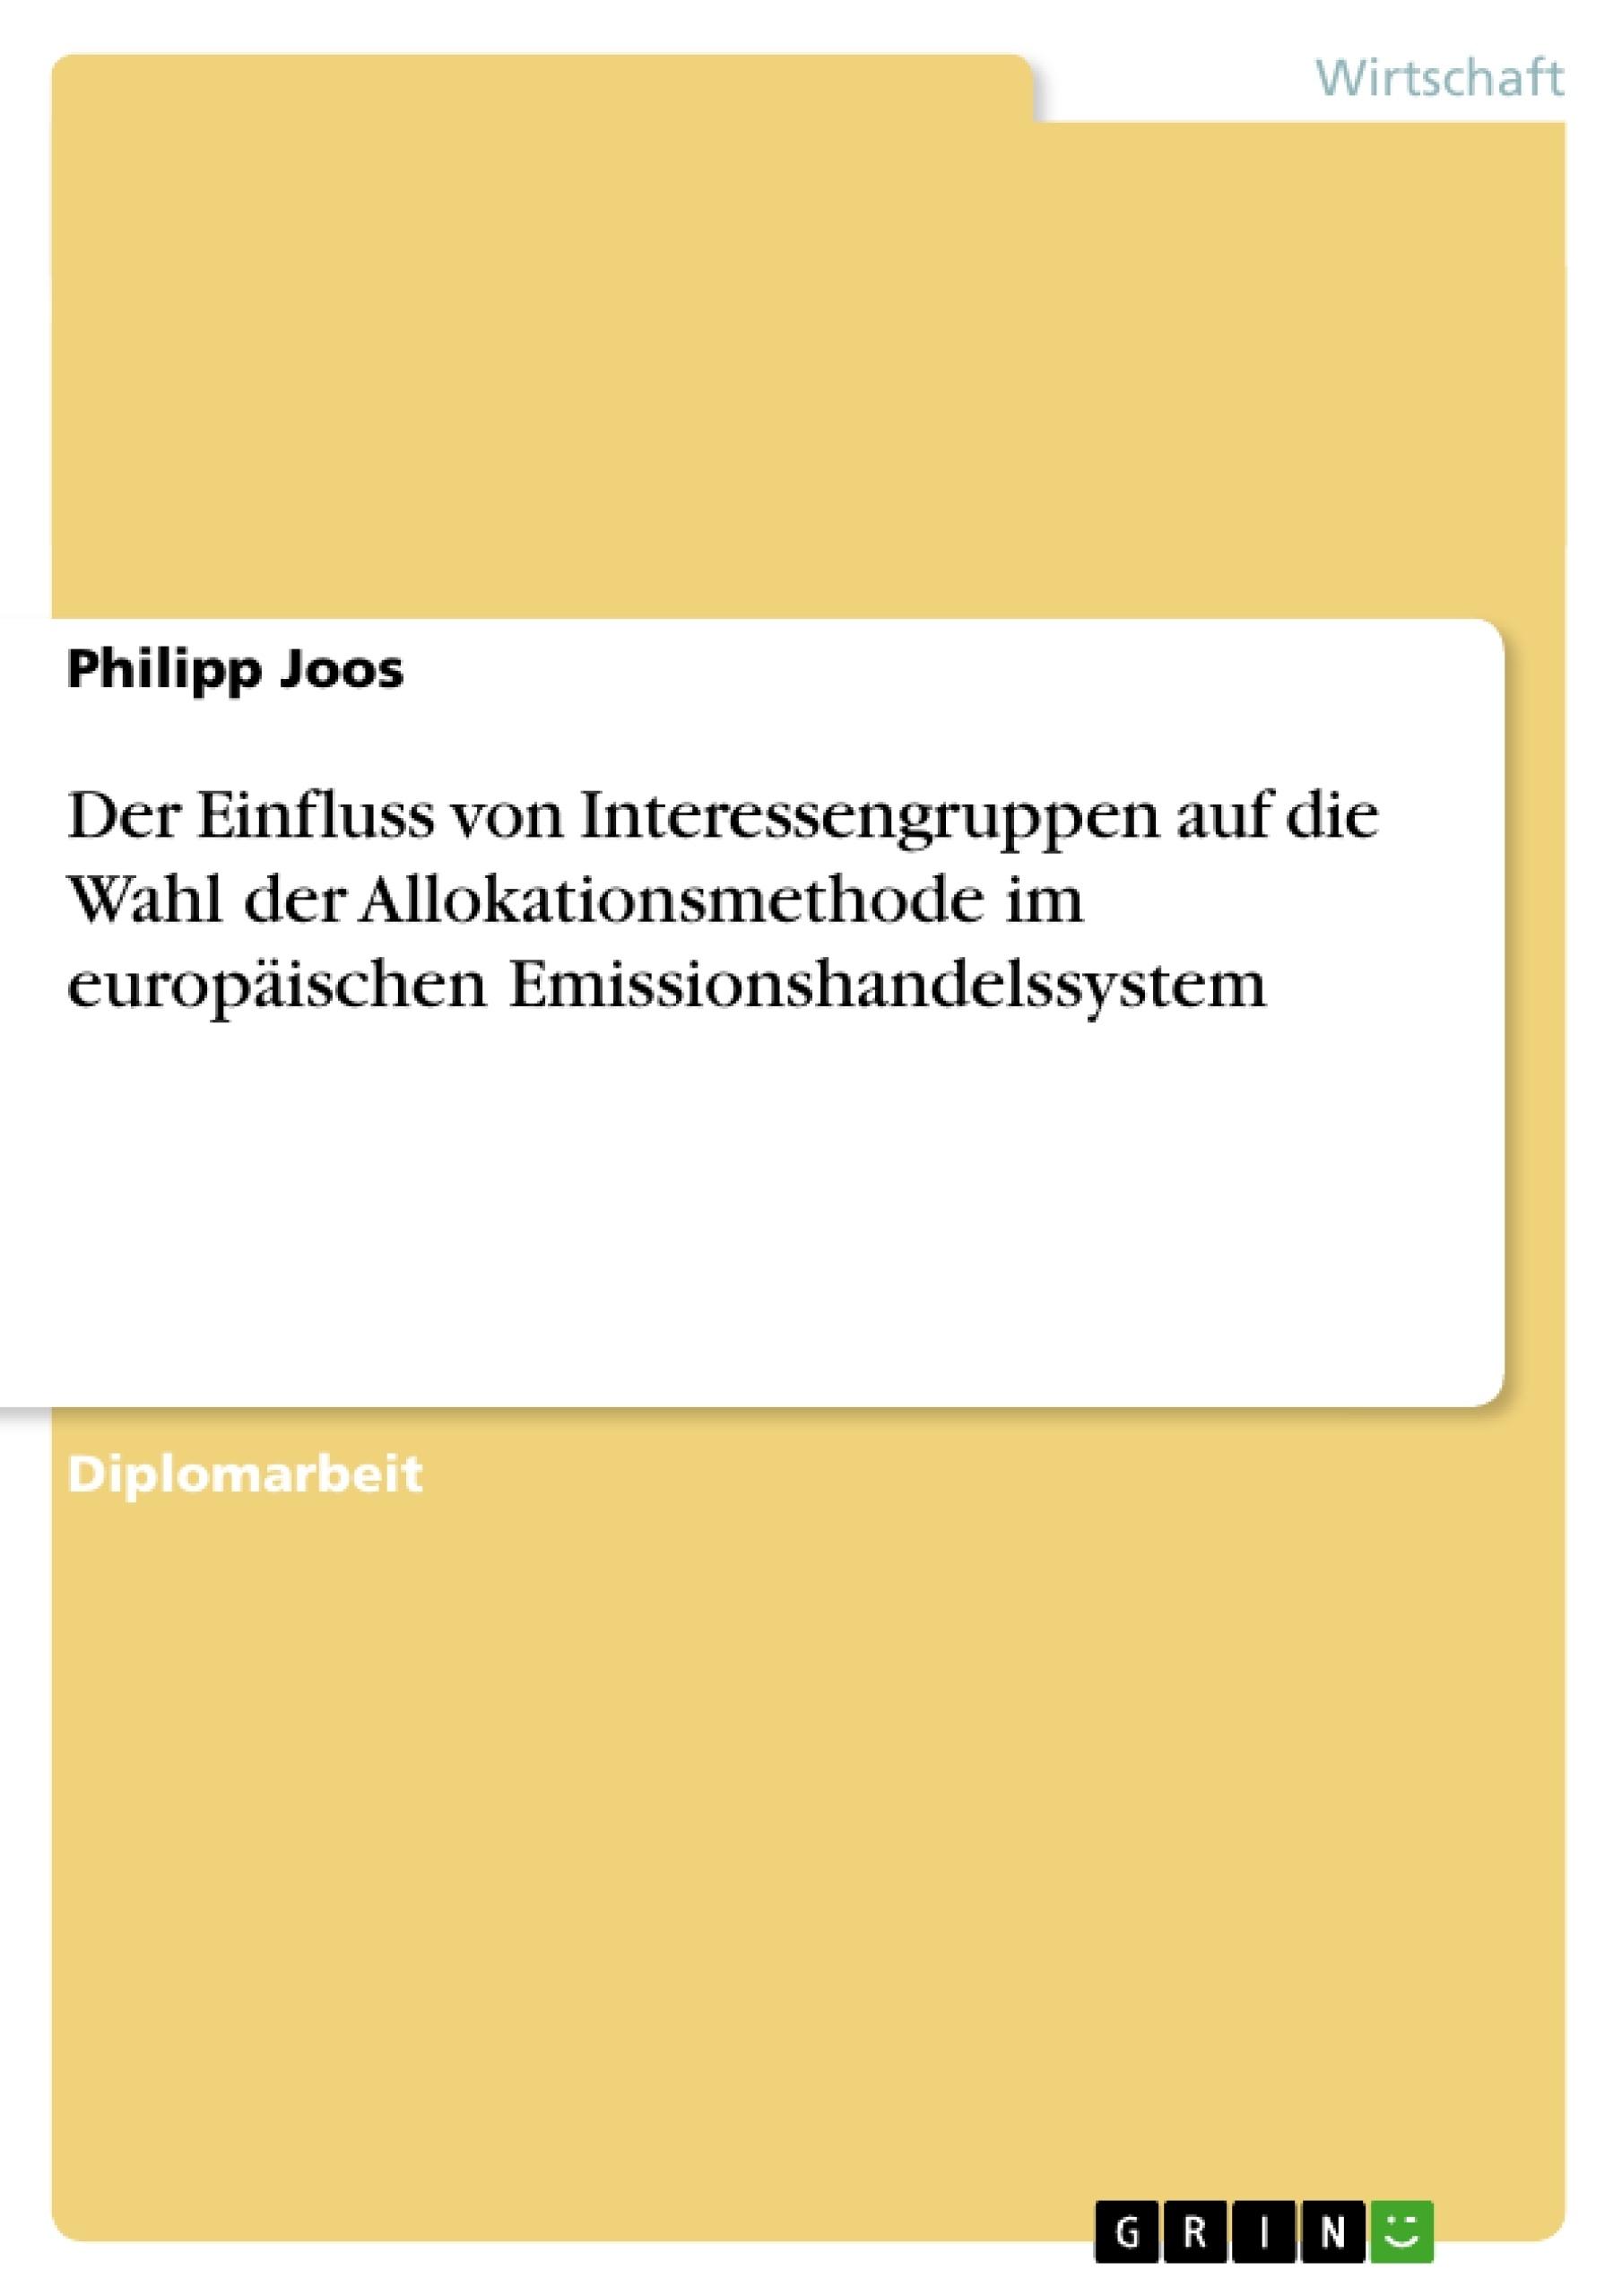 Titel: Der Einfluss von Interessengruppen auf die Wahl der Allokationsmethode im europäischen Emissionshandelssystem